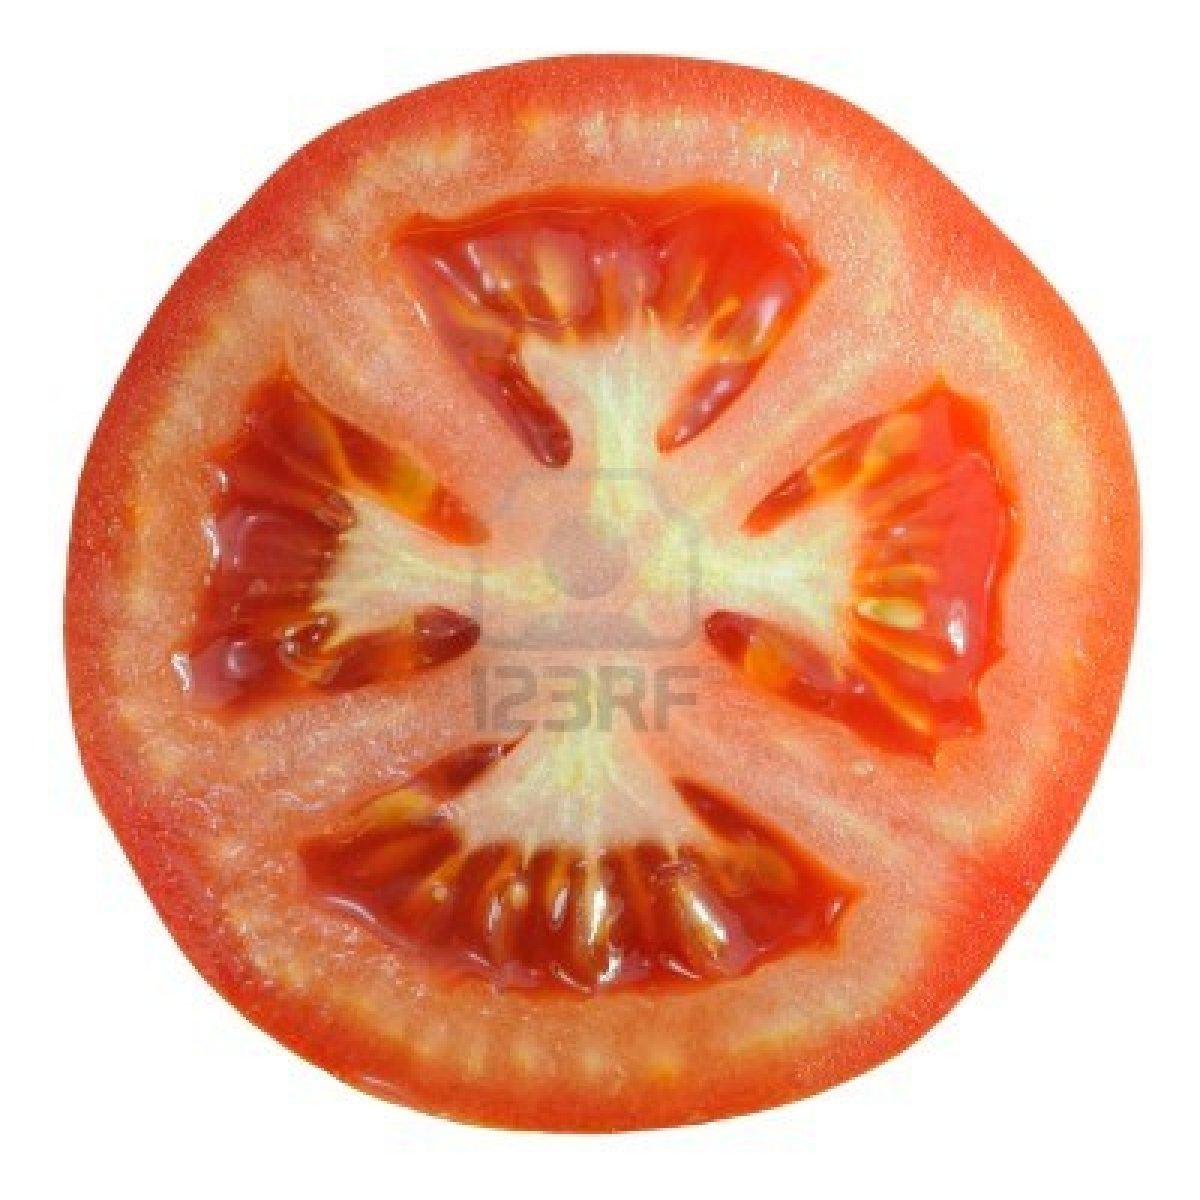 Dessins en couleurs imprimer tomate num ro 74973 - Dessin de tomate ...